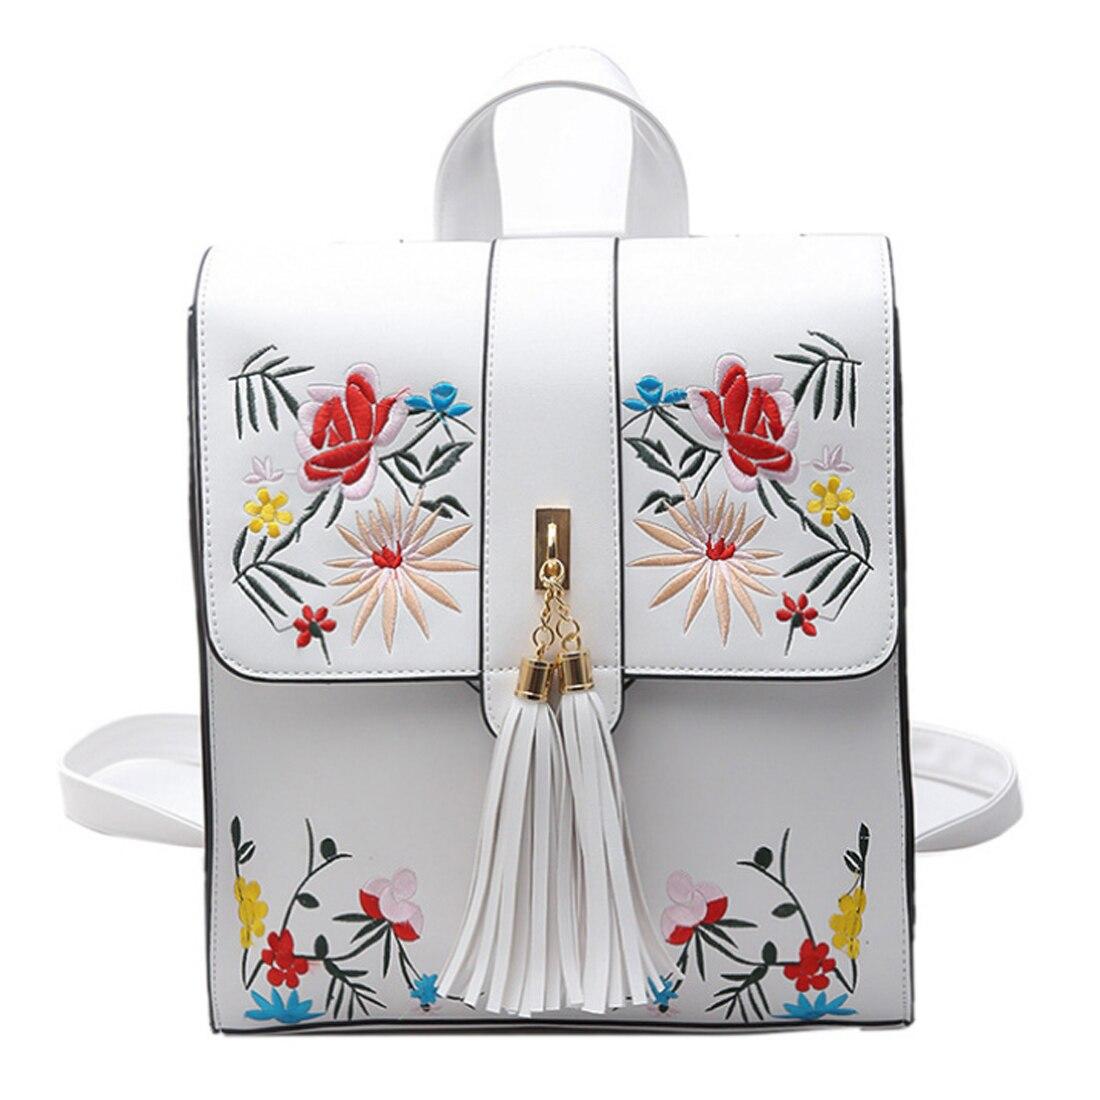 YEJIA FASHION White Embroidery Backpack Tassel Sweet Women Bag Elegant Summer PU Backpacks Women Casual Travel